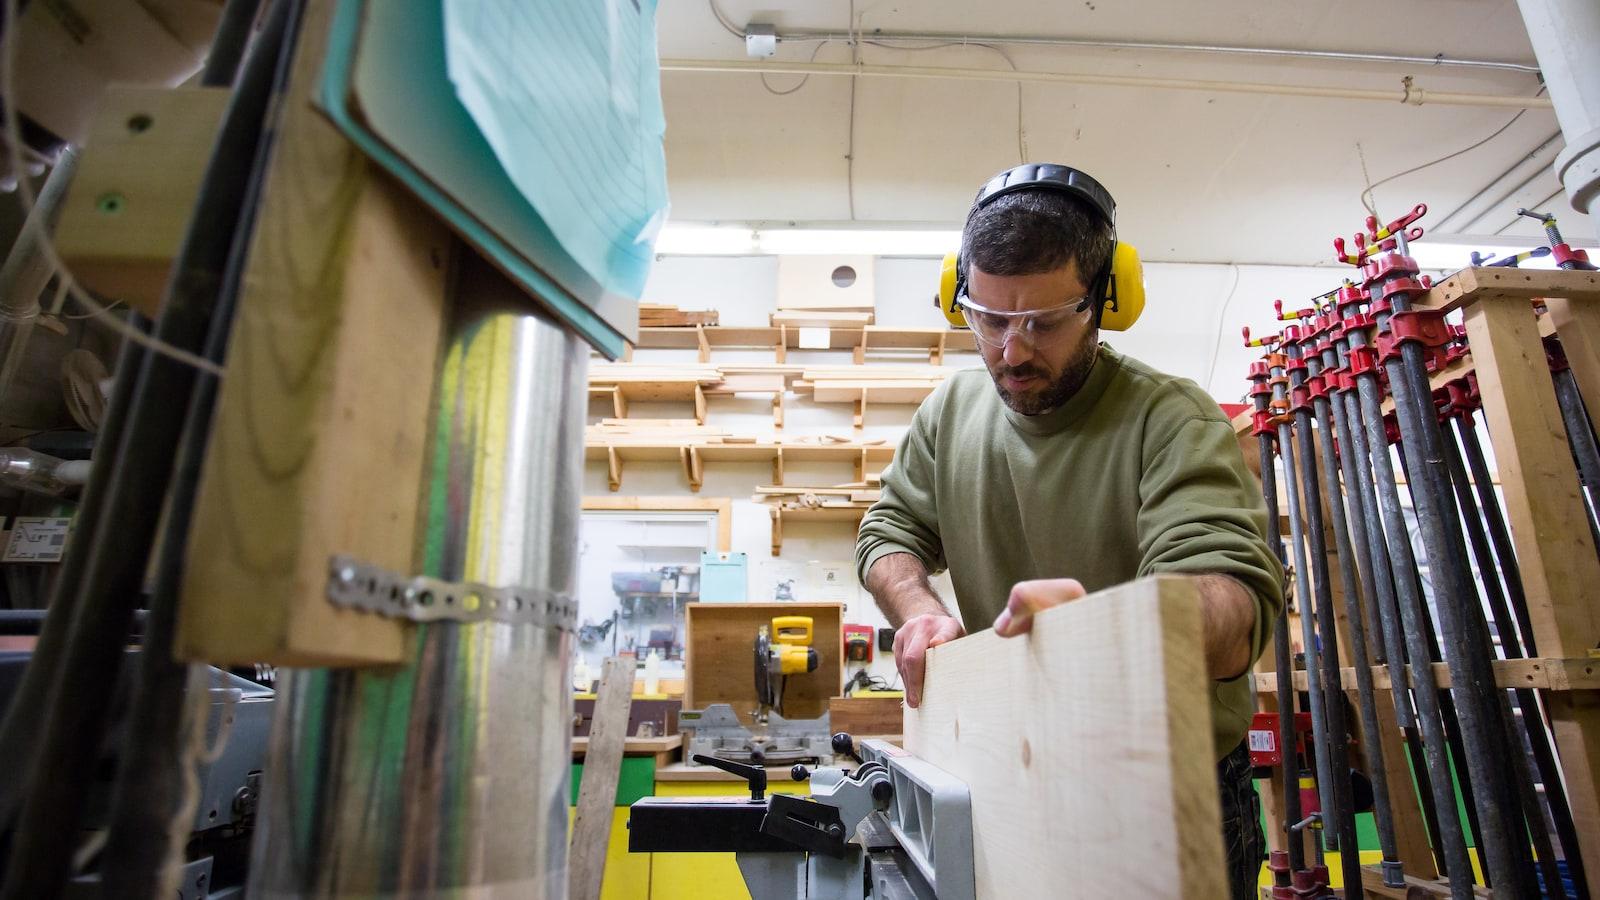 Un homme utilise de la machinerie dans un atelier de menuiserie.